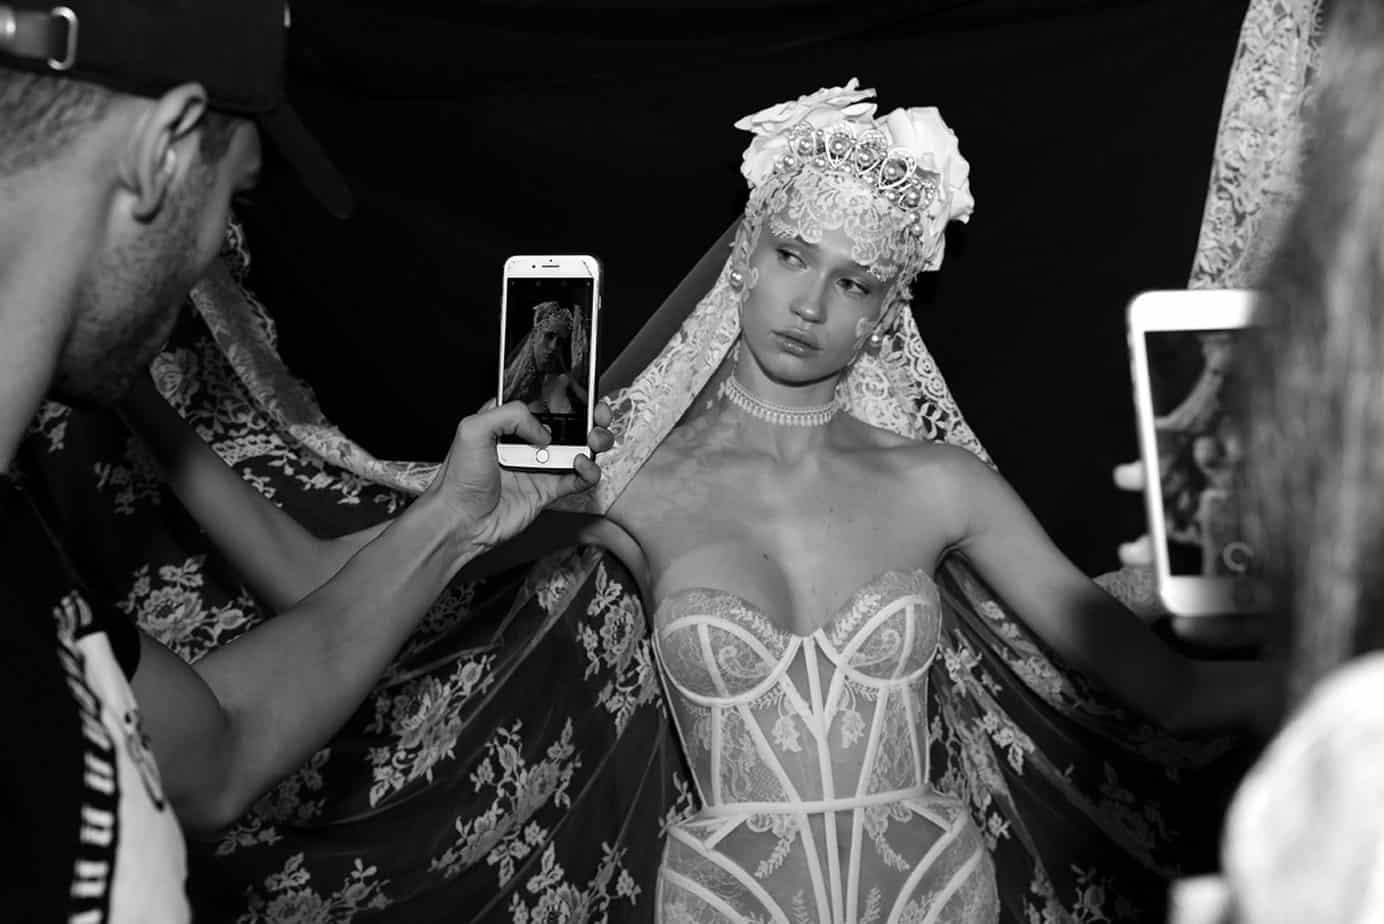 ויקה מ-mc2 לובשת שמלת כלה של אלון ליבנה. צילום: לימור יערי, אופנה, חדשות אופנה, כתבות אופנה, Fashiom Magazine, Fashion, Efifo ,מגזין אופנה, מגזין אופנה ישראלי, מגזיני אופנה ישראלים